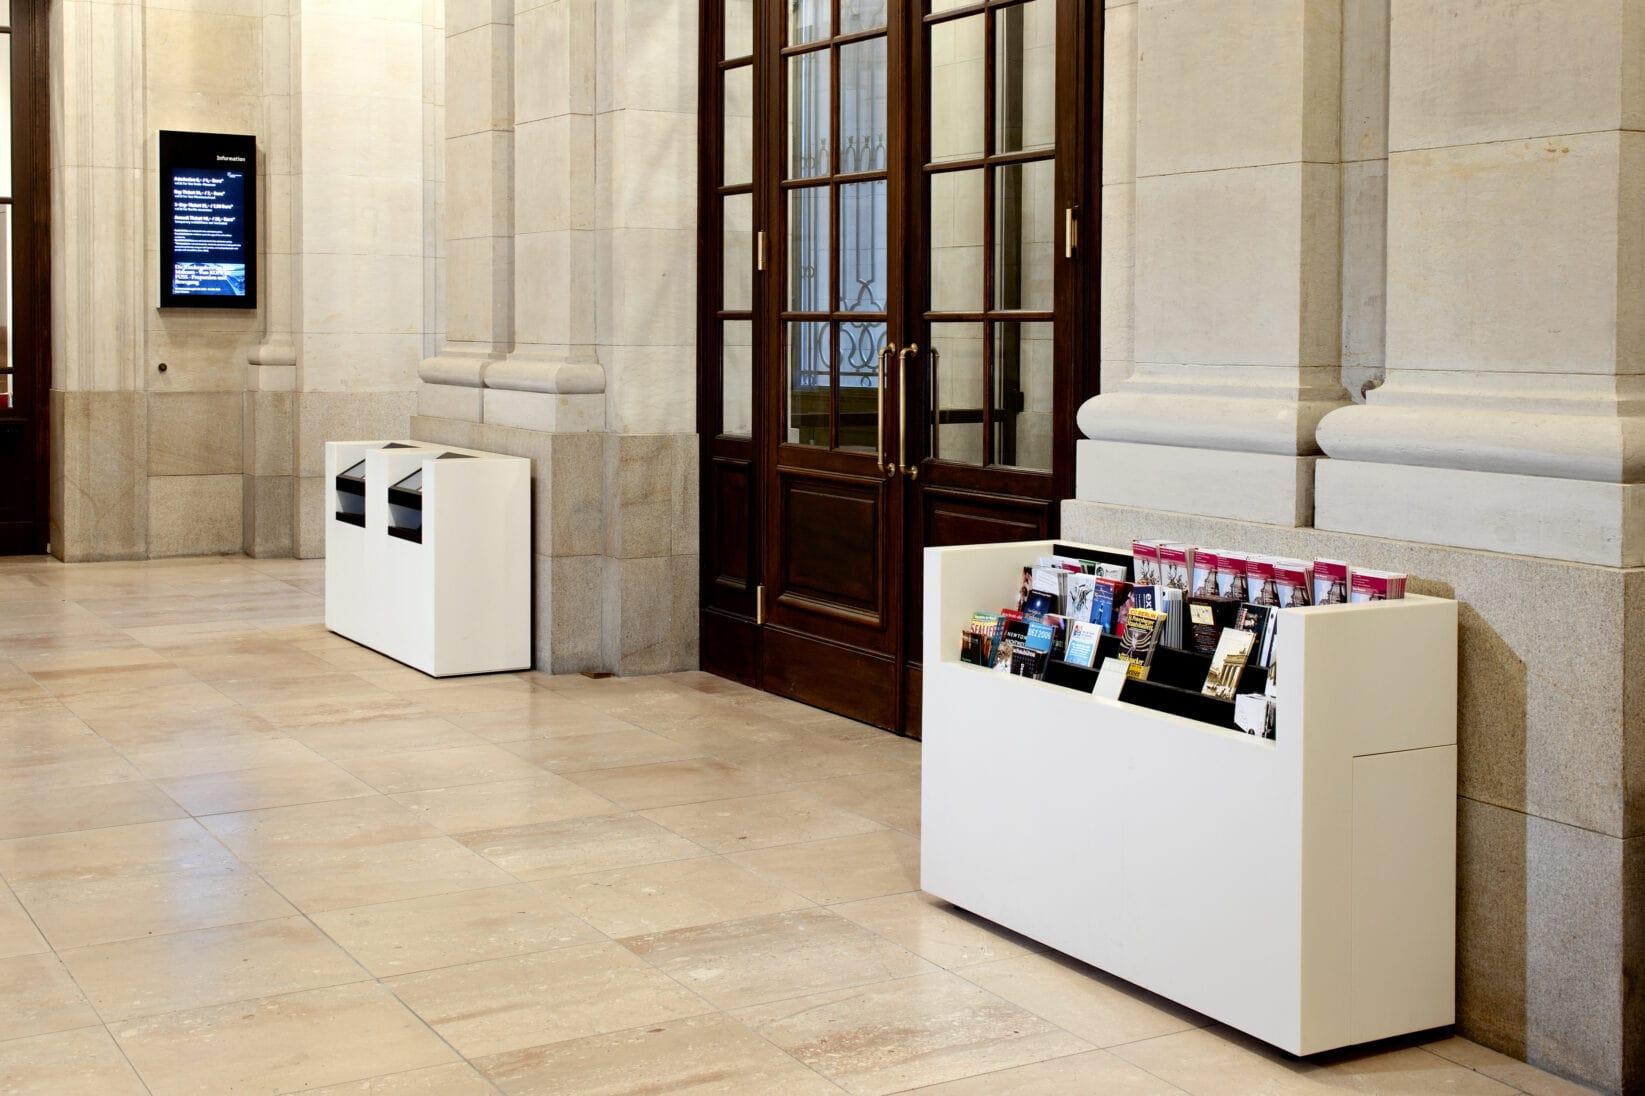 Museumsinsel Berlin Leitsystem Signaletik Gesamtkonzept Innenraum Servicemöbel Flyerständer